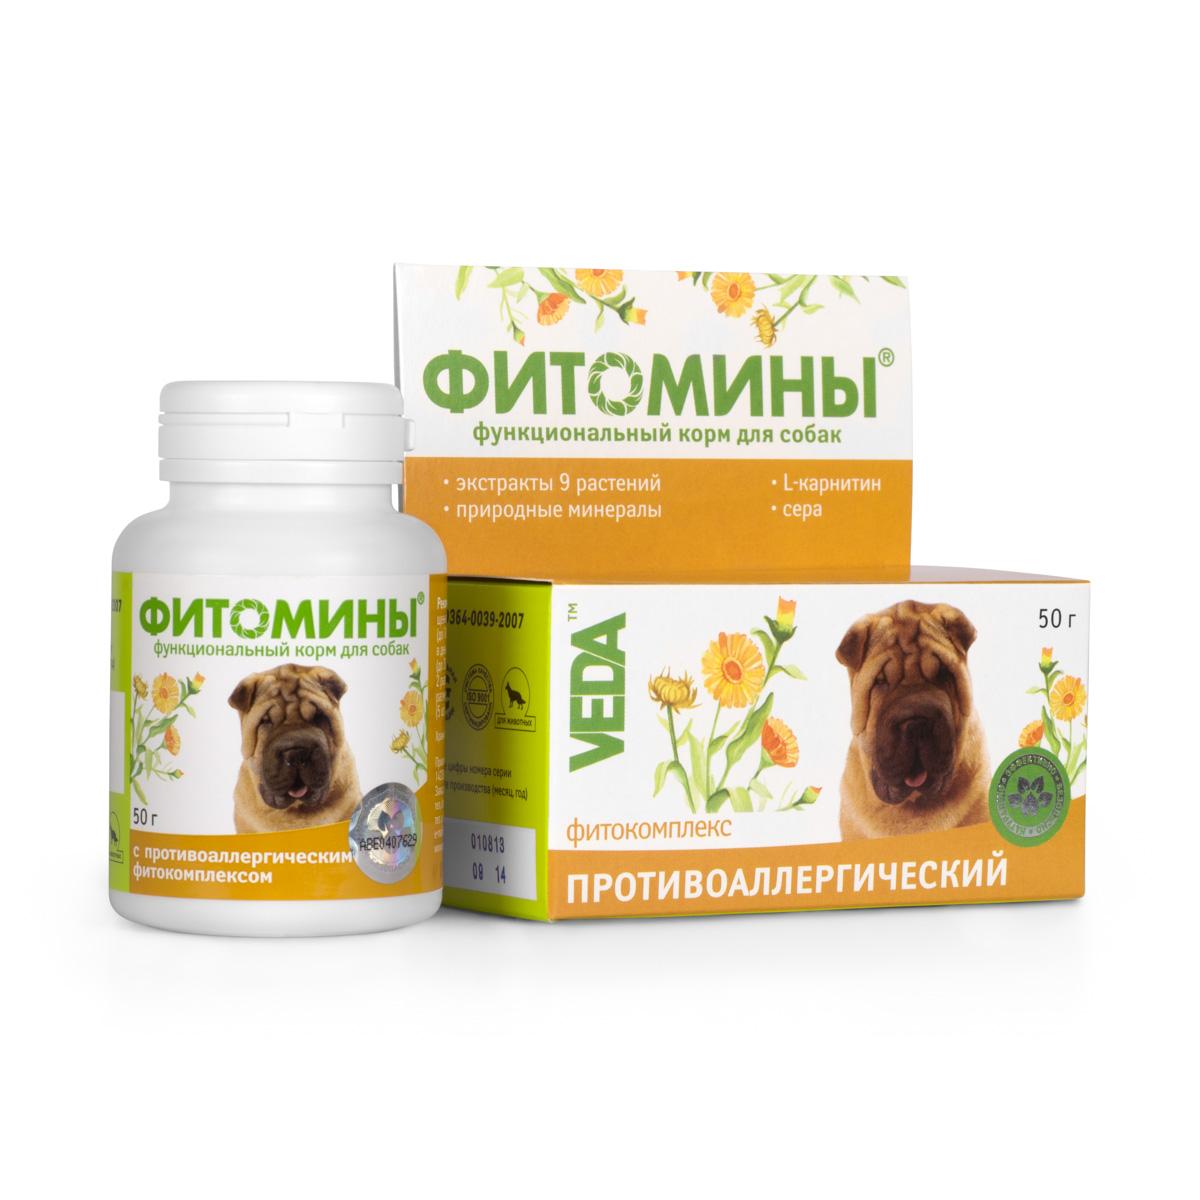 Корм для собак VEDA Фитомины, функциональный, с противоаллергическим фитокомплексом, 50 г0120710Функциональный корм для собак VEDA Фитомины с противоаллергическим фитокомплексом снижает выраженность аллергических реакций на пищу, бытовую химию и лекарственные раздражители.Рекомендуется включать в рацион:- при проявлении кожных аллергических реакций: зуд, покраснение, сыпь, экзема,- при рвоте и диарее вследствие аллергии,- для снижения предрасположенности к аллергическим заболеваниям.Состав: лактоза; крахмал; дрожжи пивные; фитокомплекс: травы сушеницы топяной, травы череды, травы тысячелистника, травы чистотела, почек березовых, листьев березы, листьев подорожника большого, корней лопуха, корней одуванчика, цветков ноготков; природный минеральный комплекс; паровая мясная мука; стеарат кальция; L-карнитин; сера.В 100 г продукта содержится (не менее): углеводы - 87 г; жиры - 0,3 г; белки - 5,5 г; кальций - 600 мг; фосфор - 360 мг; железо - 15,0 мг; цинк - 4 мг; марганец - 0,1 мг; медь - 0,3 мг; L-карнитин - 0,5 г; сера - 0,1 г.Энергетическая ценность в 100 г: 380 ккал.Товар сертифицирован.